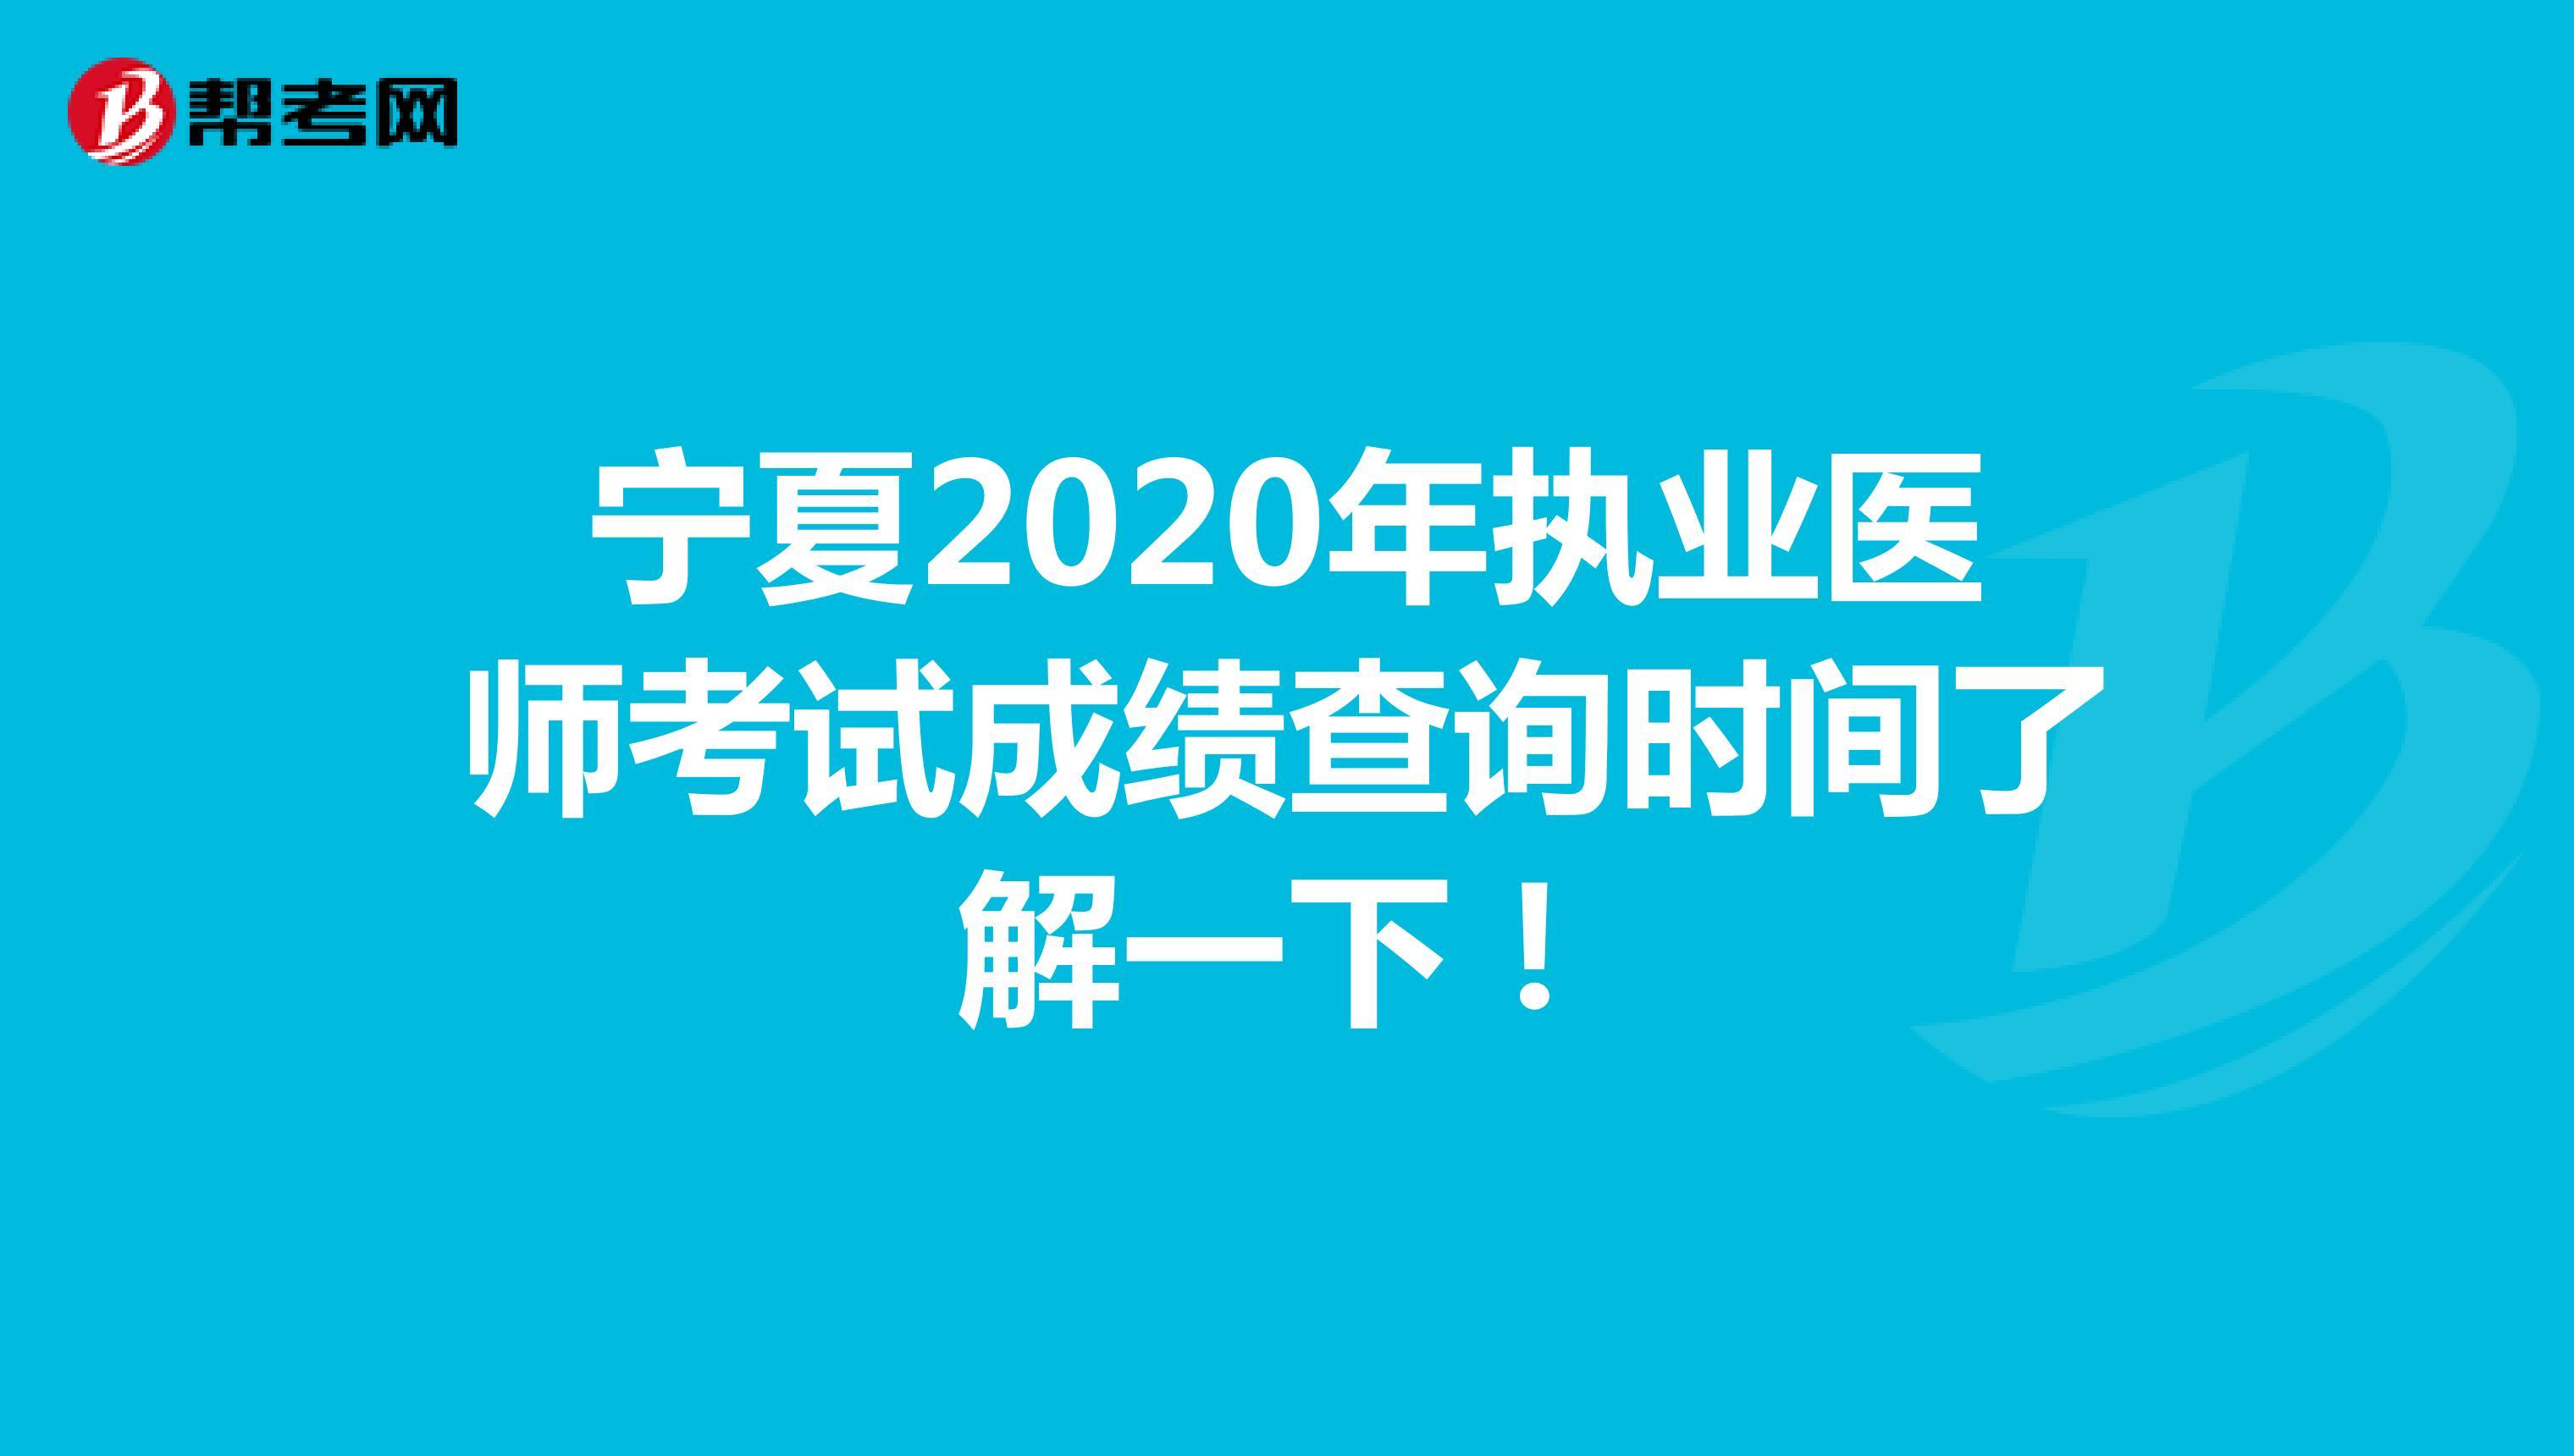 宁夏2020年执业医师考试成绩查询时间了解一下!